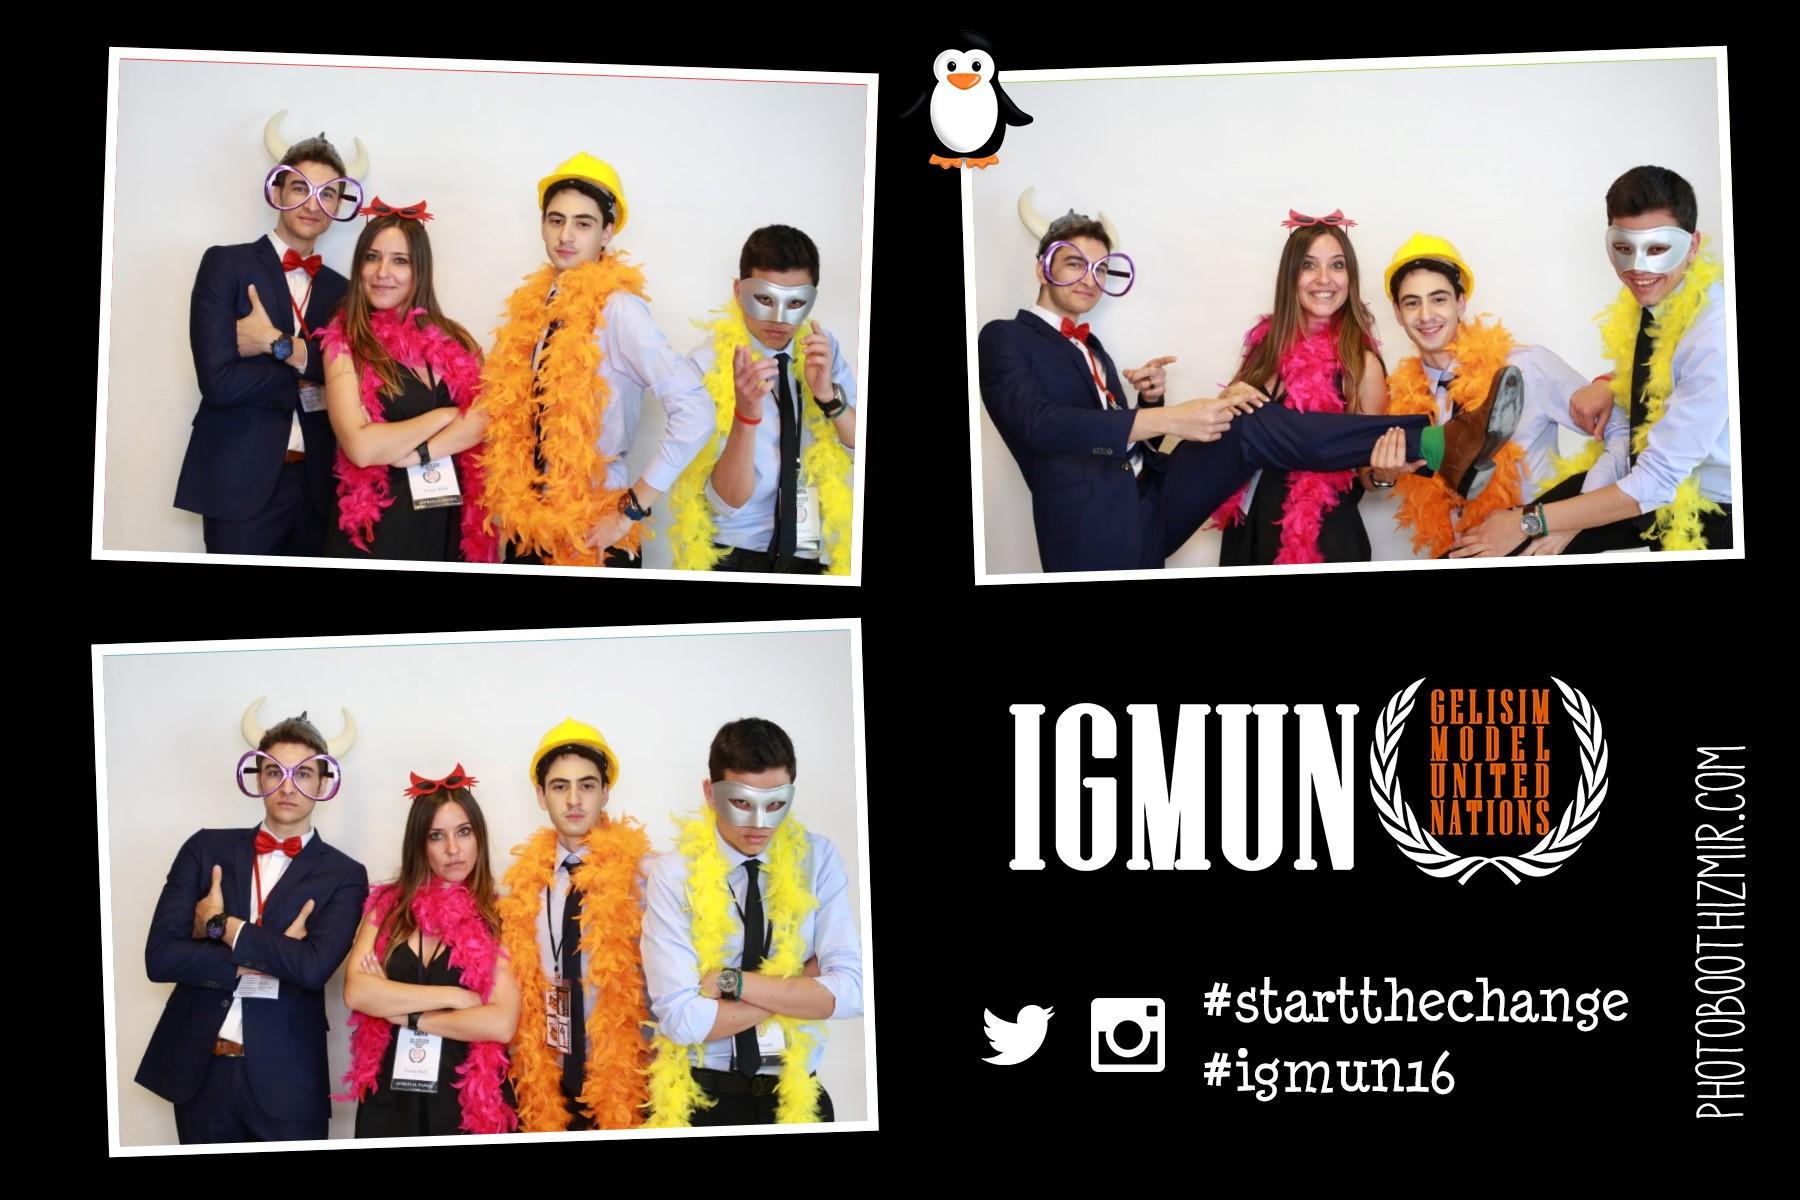 Gelişim Koleji - IGMUN 2016